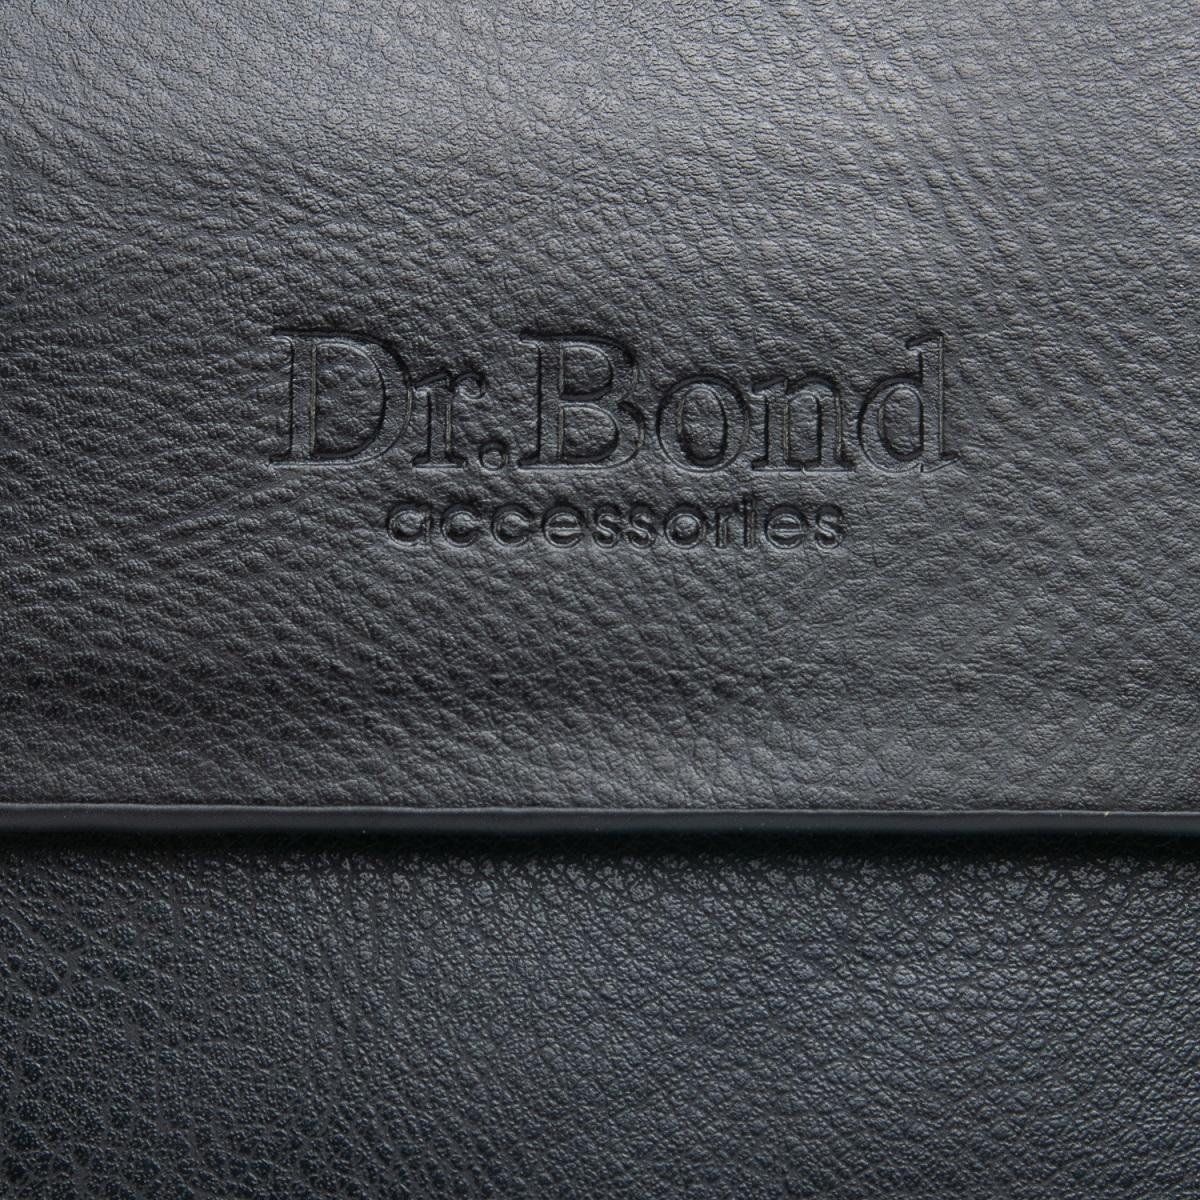 Сумка Мужская Планшет иск-кожа DR. BOND GL 318-0 black - фото 3